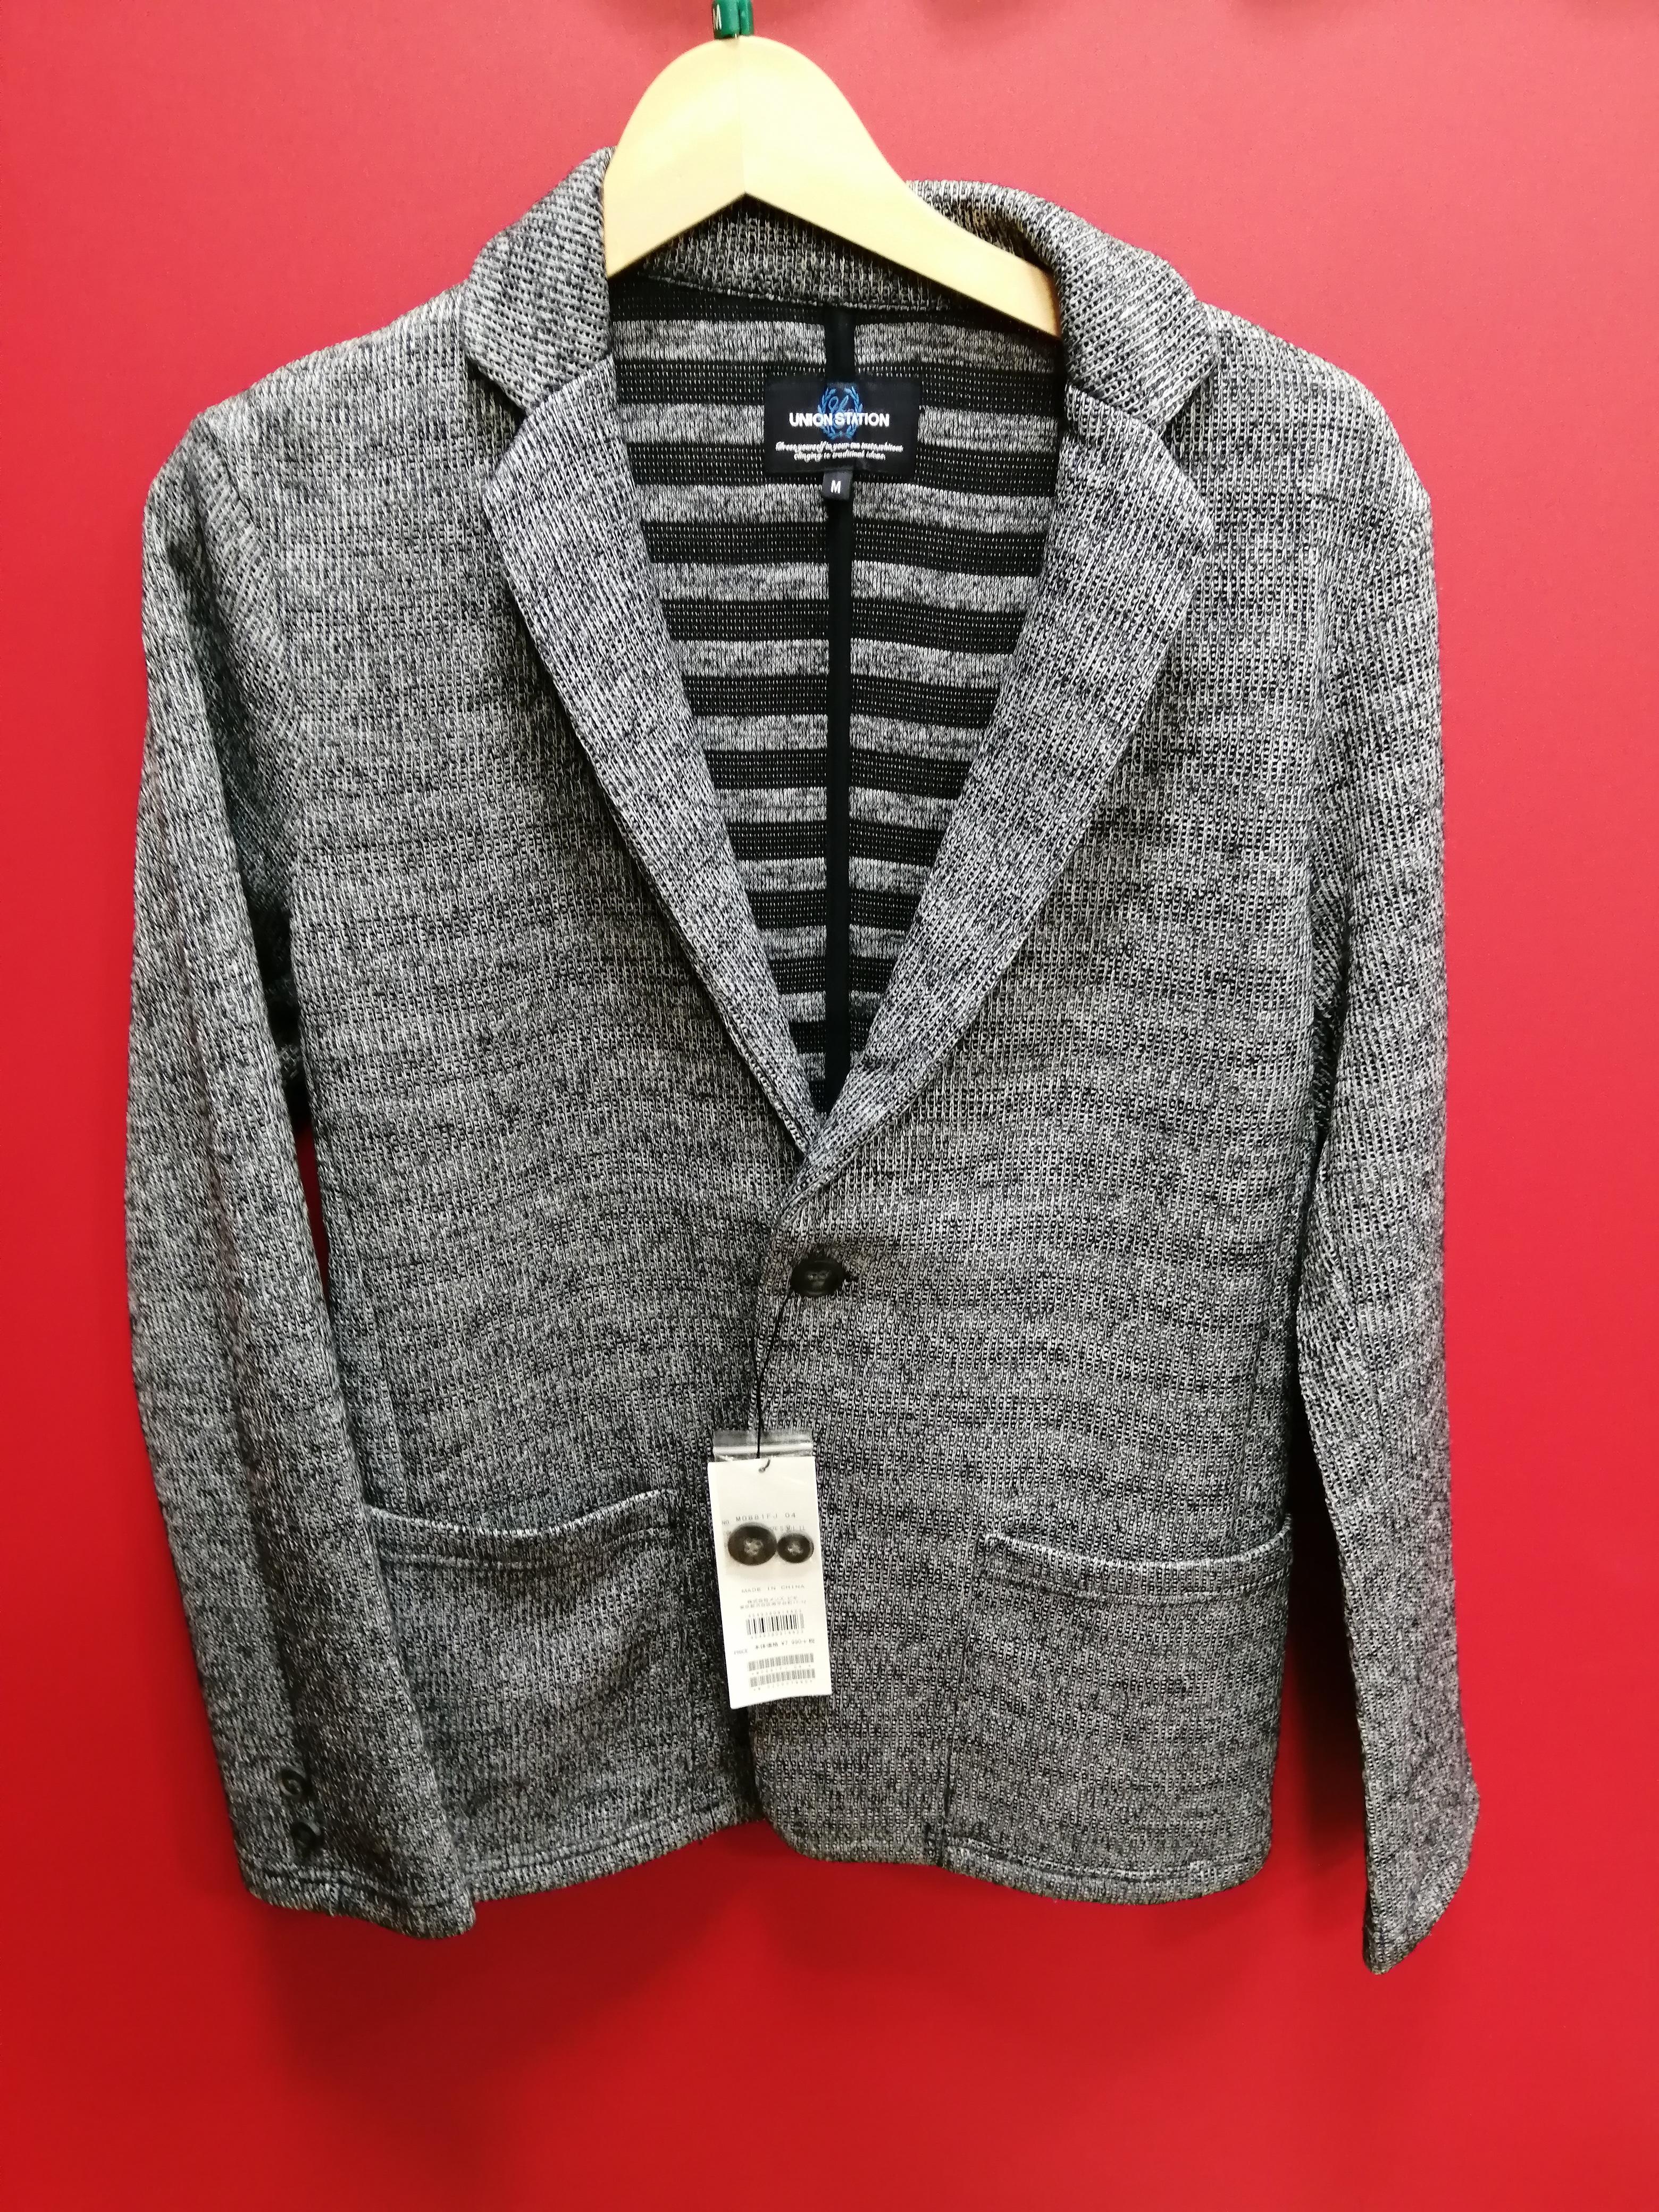 1Bジャケット|UNION STATION